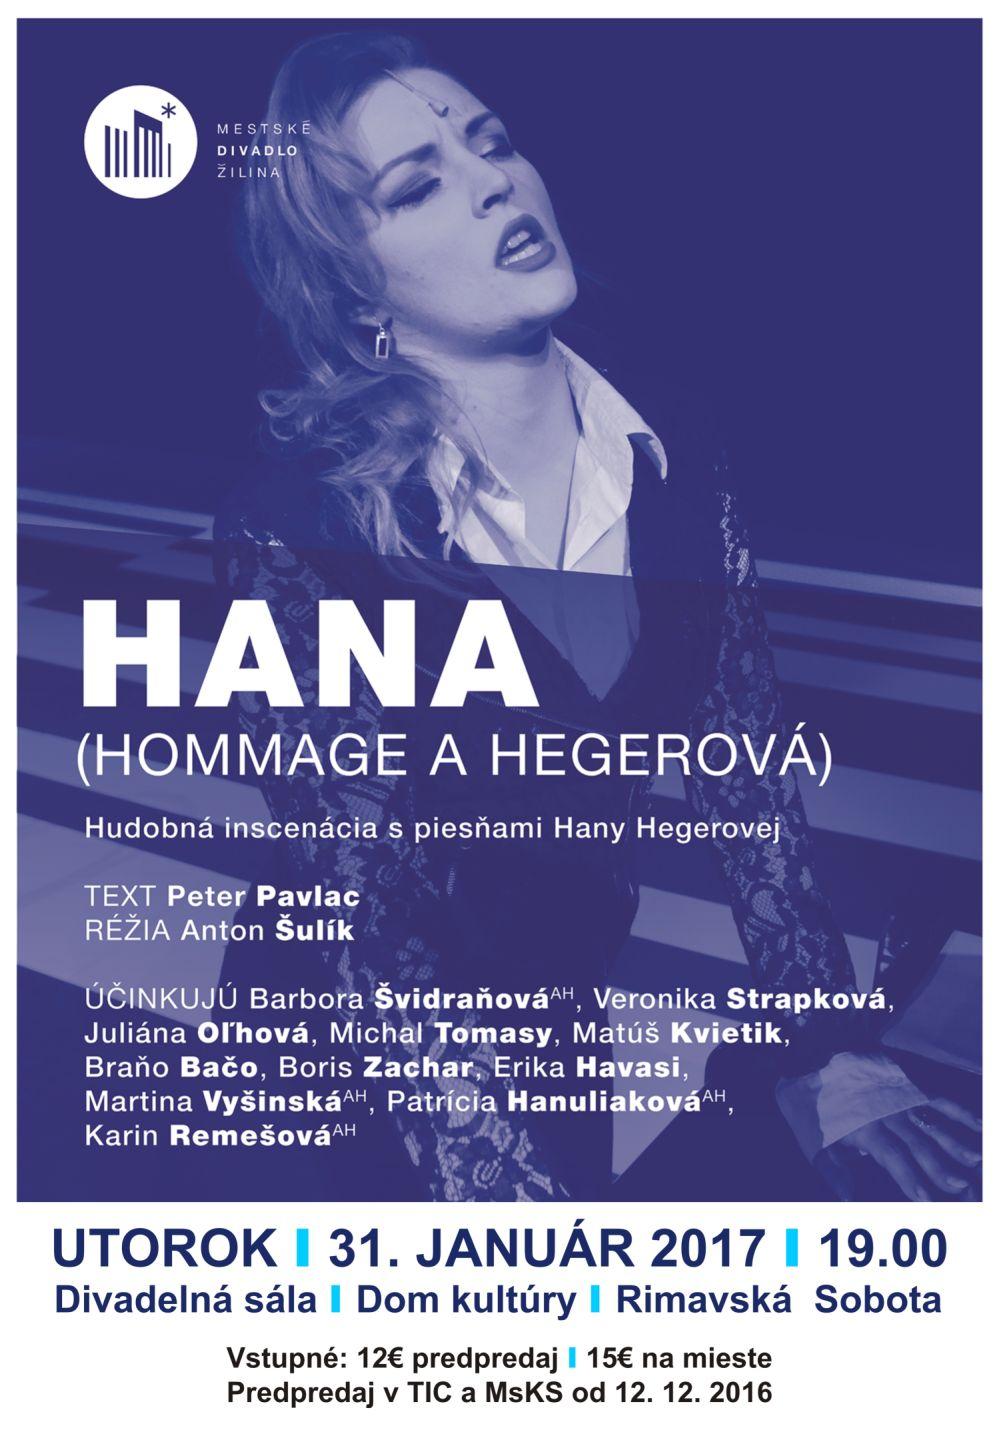 HANA (Hommage à Hegerová) @ Divadelná sála Domu kultúry Rimavská Sobota | Rimavská Sobota | Banskobystrický kraj | Slovensko